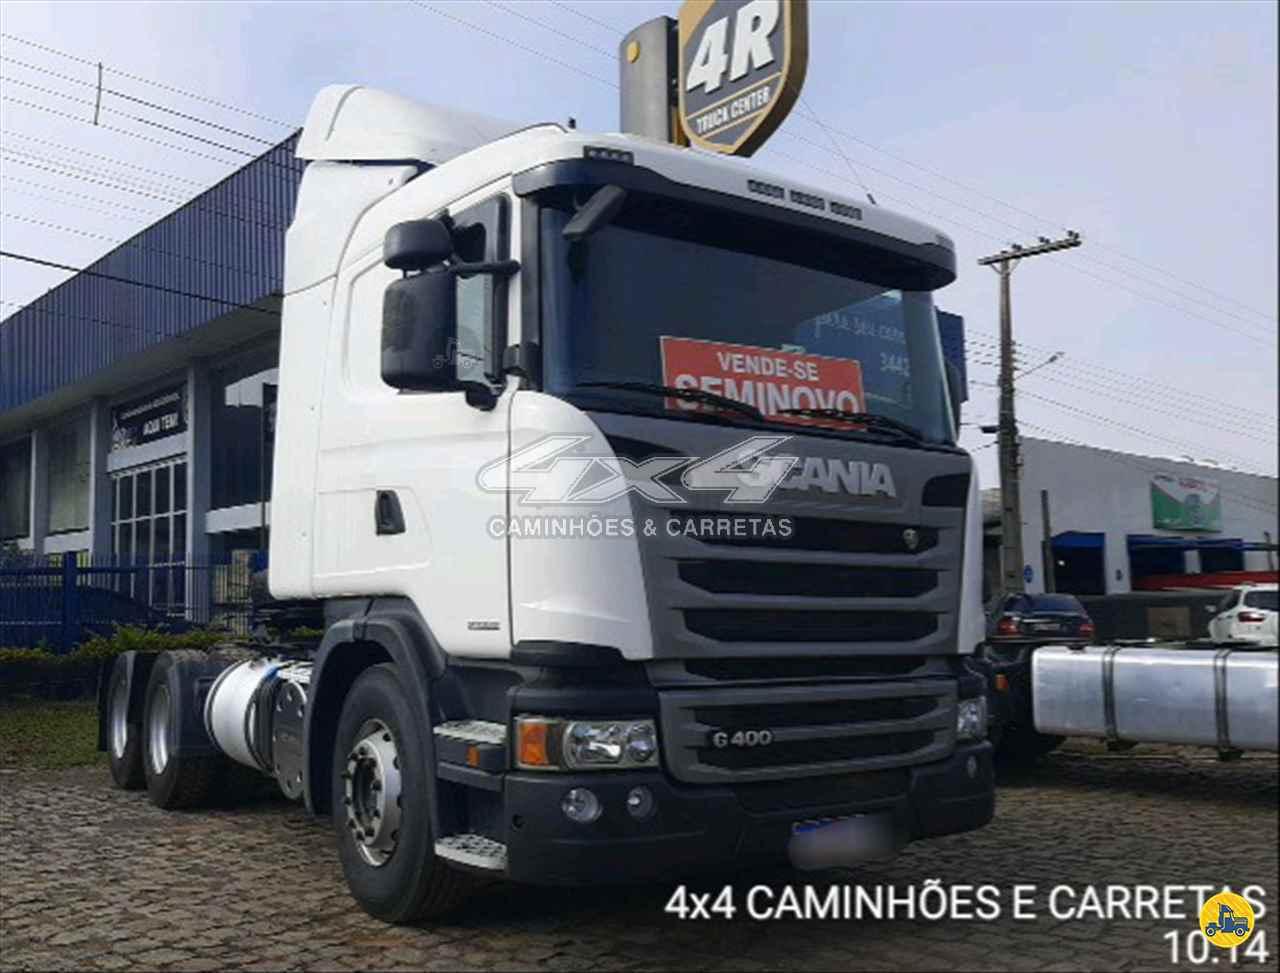 CAMINHAO SCANIA SCANIA 400 Cavalo Mecânico Truck 6x2 4X4 Caminhões e Carretas CONCORDIA SANTA CATARINA SC